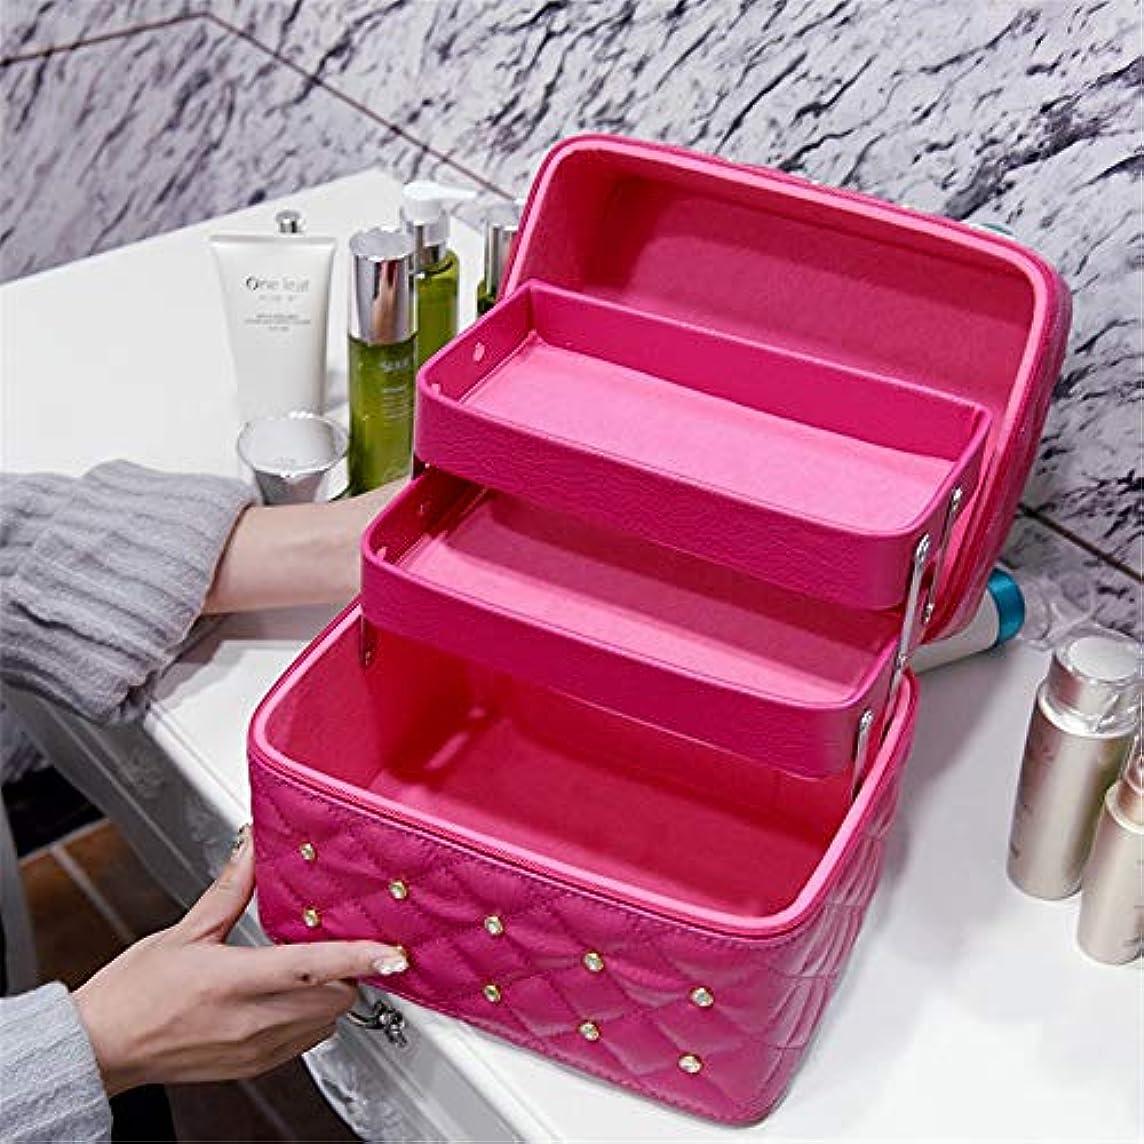 雨特徴づけるアパル特大スペース収納ビューティーボックス 美の構造のためそしてジッパーおよび折る皿が付いている女の子の女性旅行そして毎日の貯蔵のための高容量の携帯用化粧品袋 化粧品化粧台